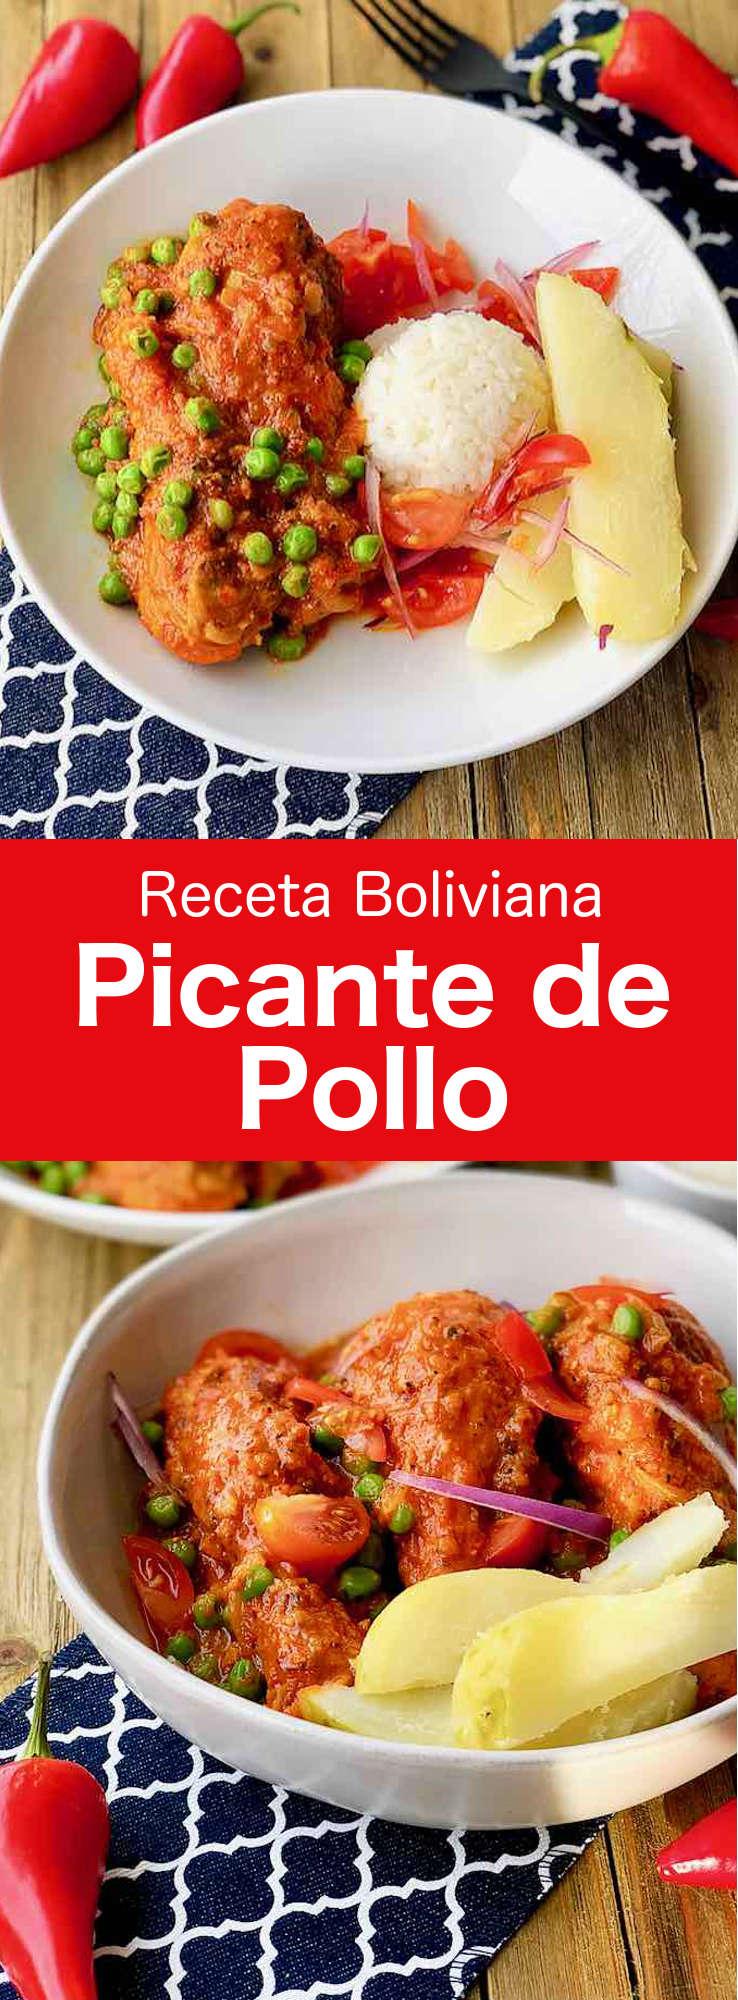 El picante de pollo es uno de los platillos más tradicionales de Bolivia. La principal característica de este plato de pollo en salsa es su intenso sabor picante.